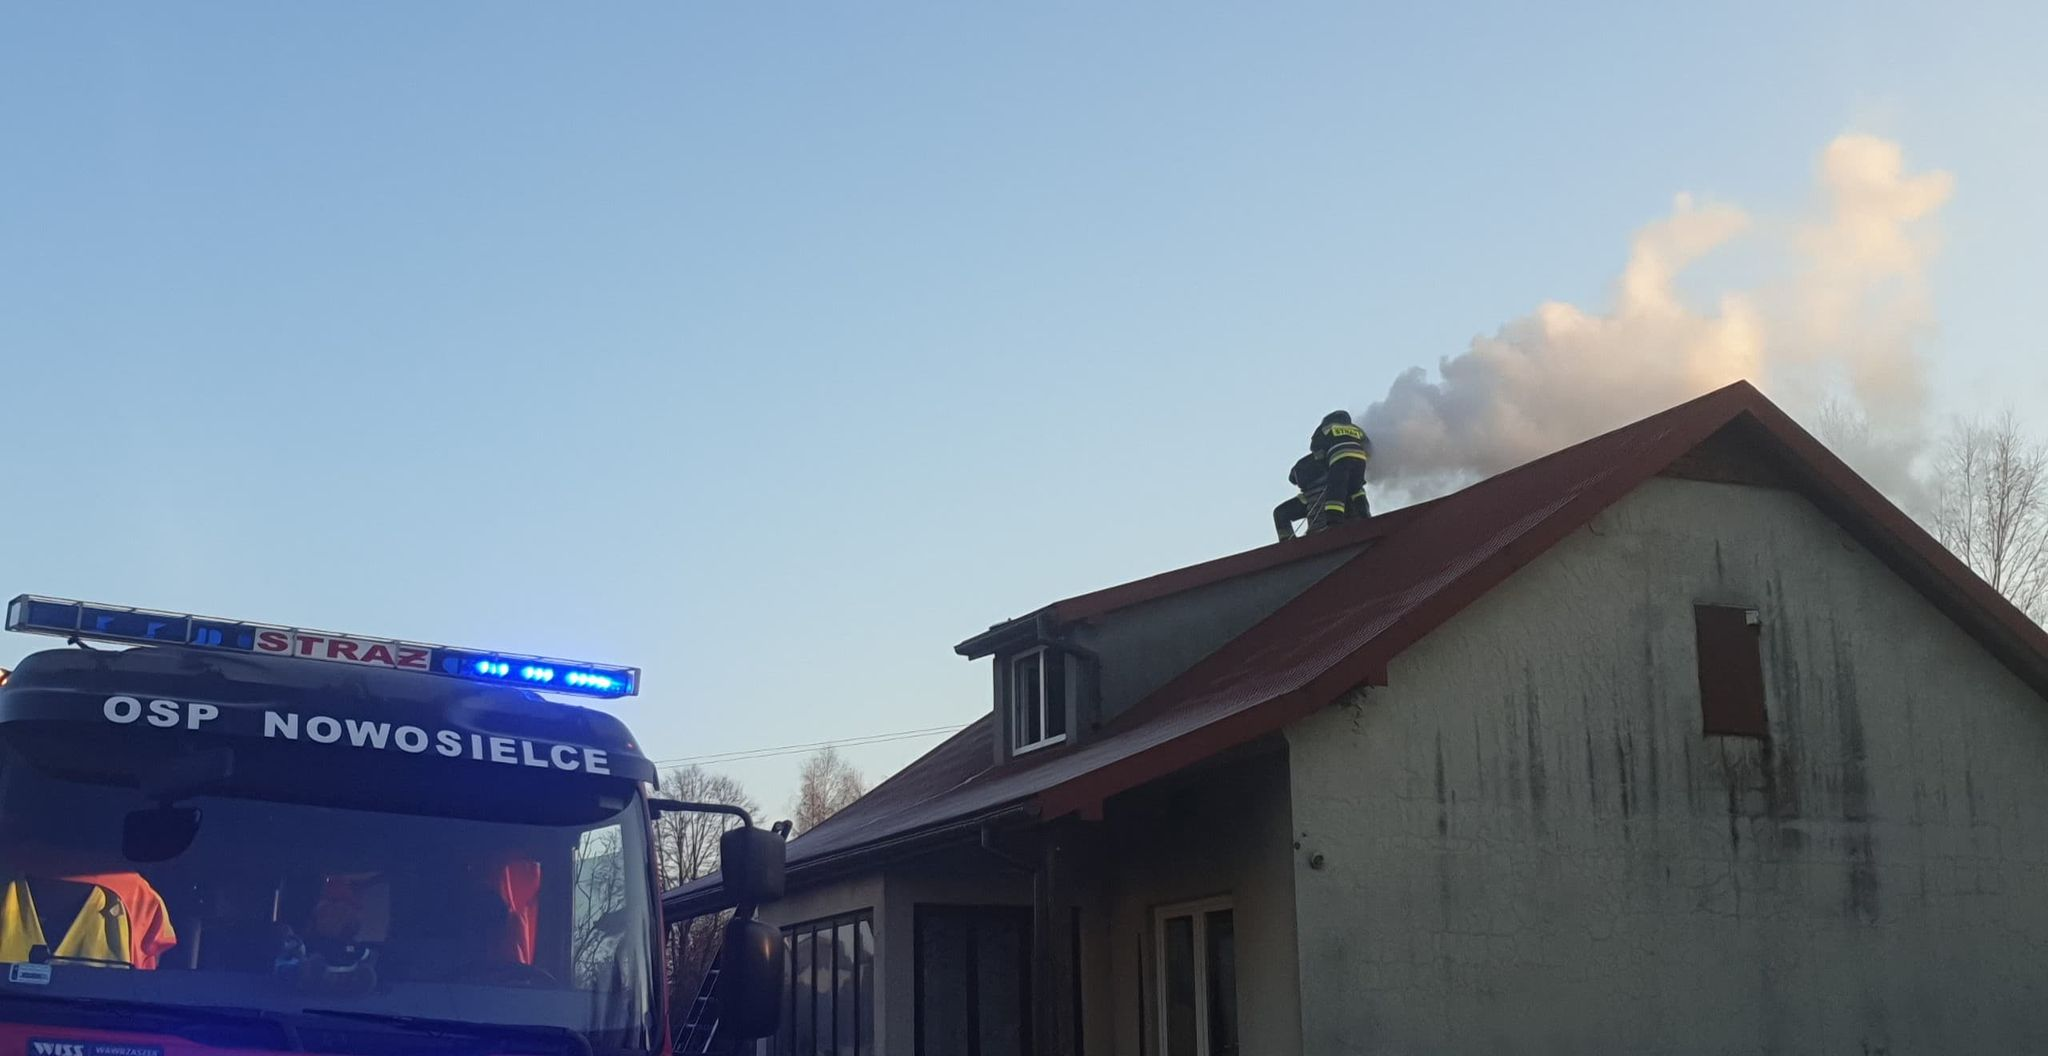 Z OSTATNIEJ CHWILI: Pożar sadzy w kominie [FOTO] - Zdjęcie główne